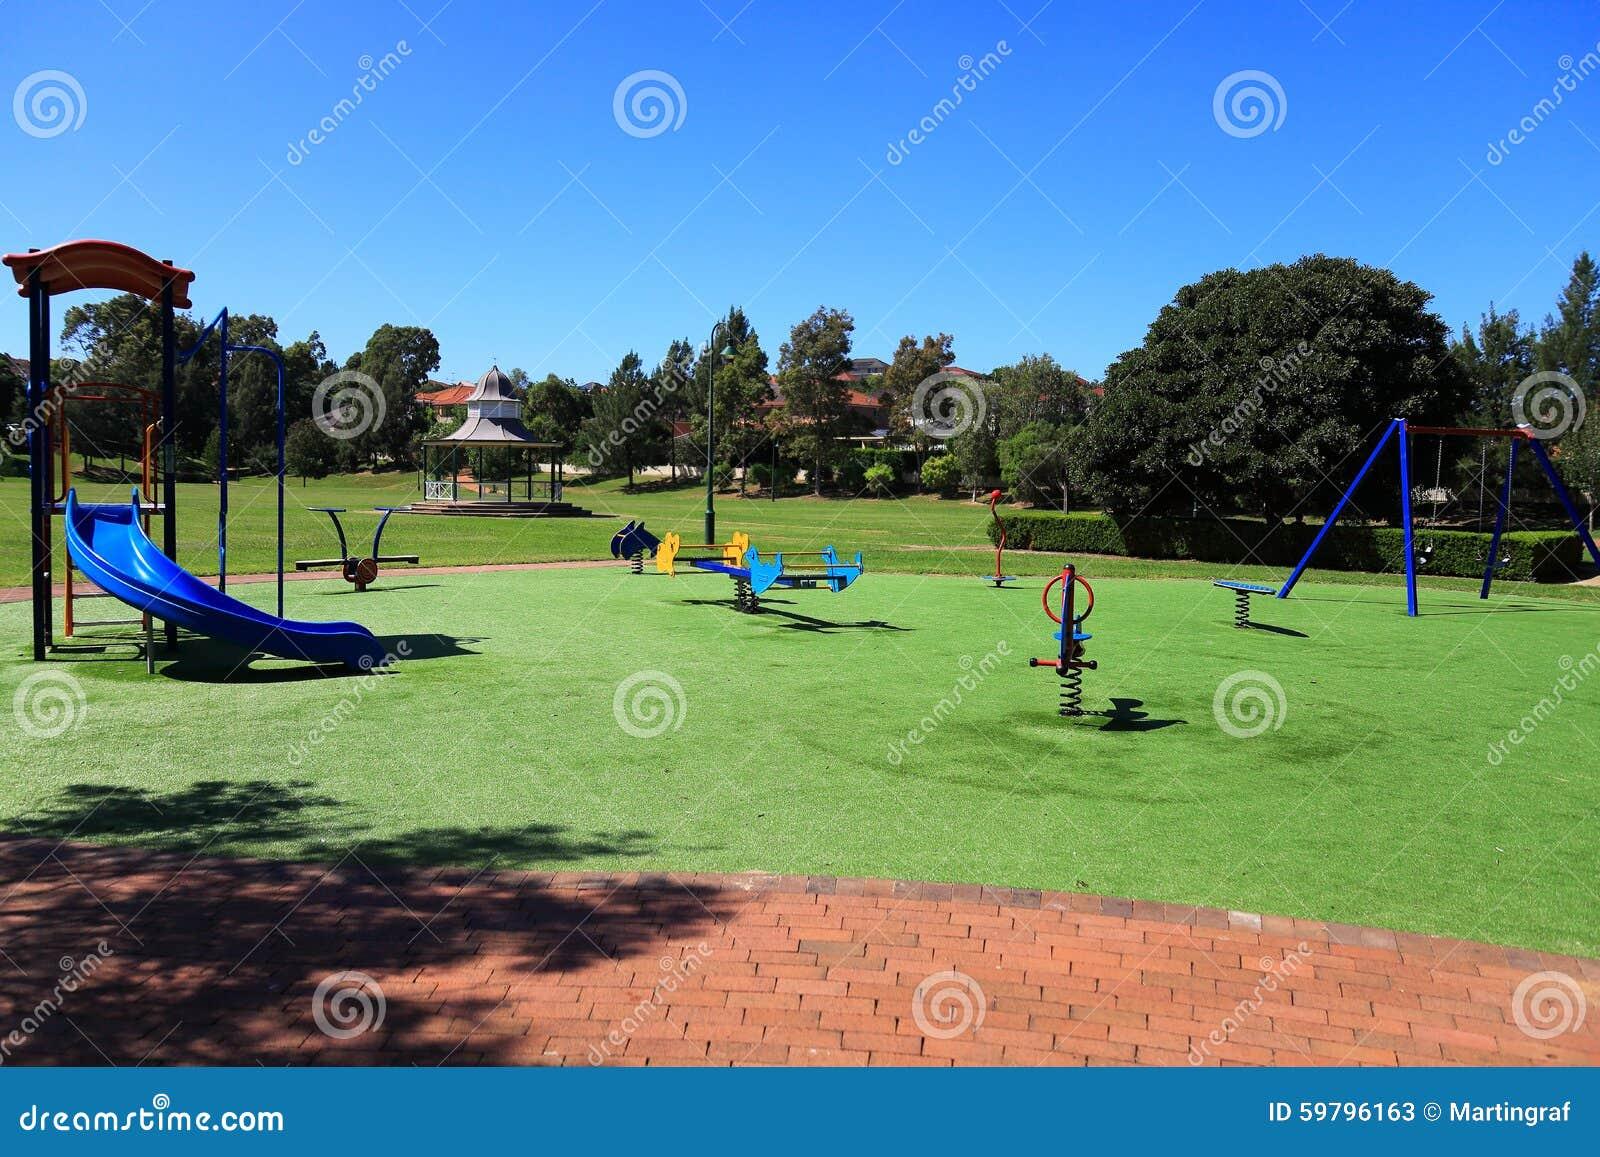 terrain de jeu en parc image stock image du personne 59796163. Black Bedroom Furniture Sets. Home Design Ideas